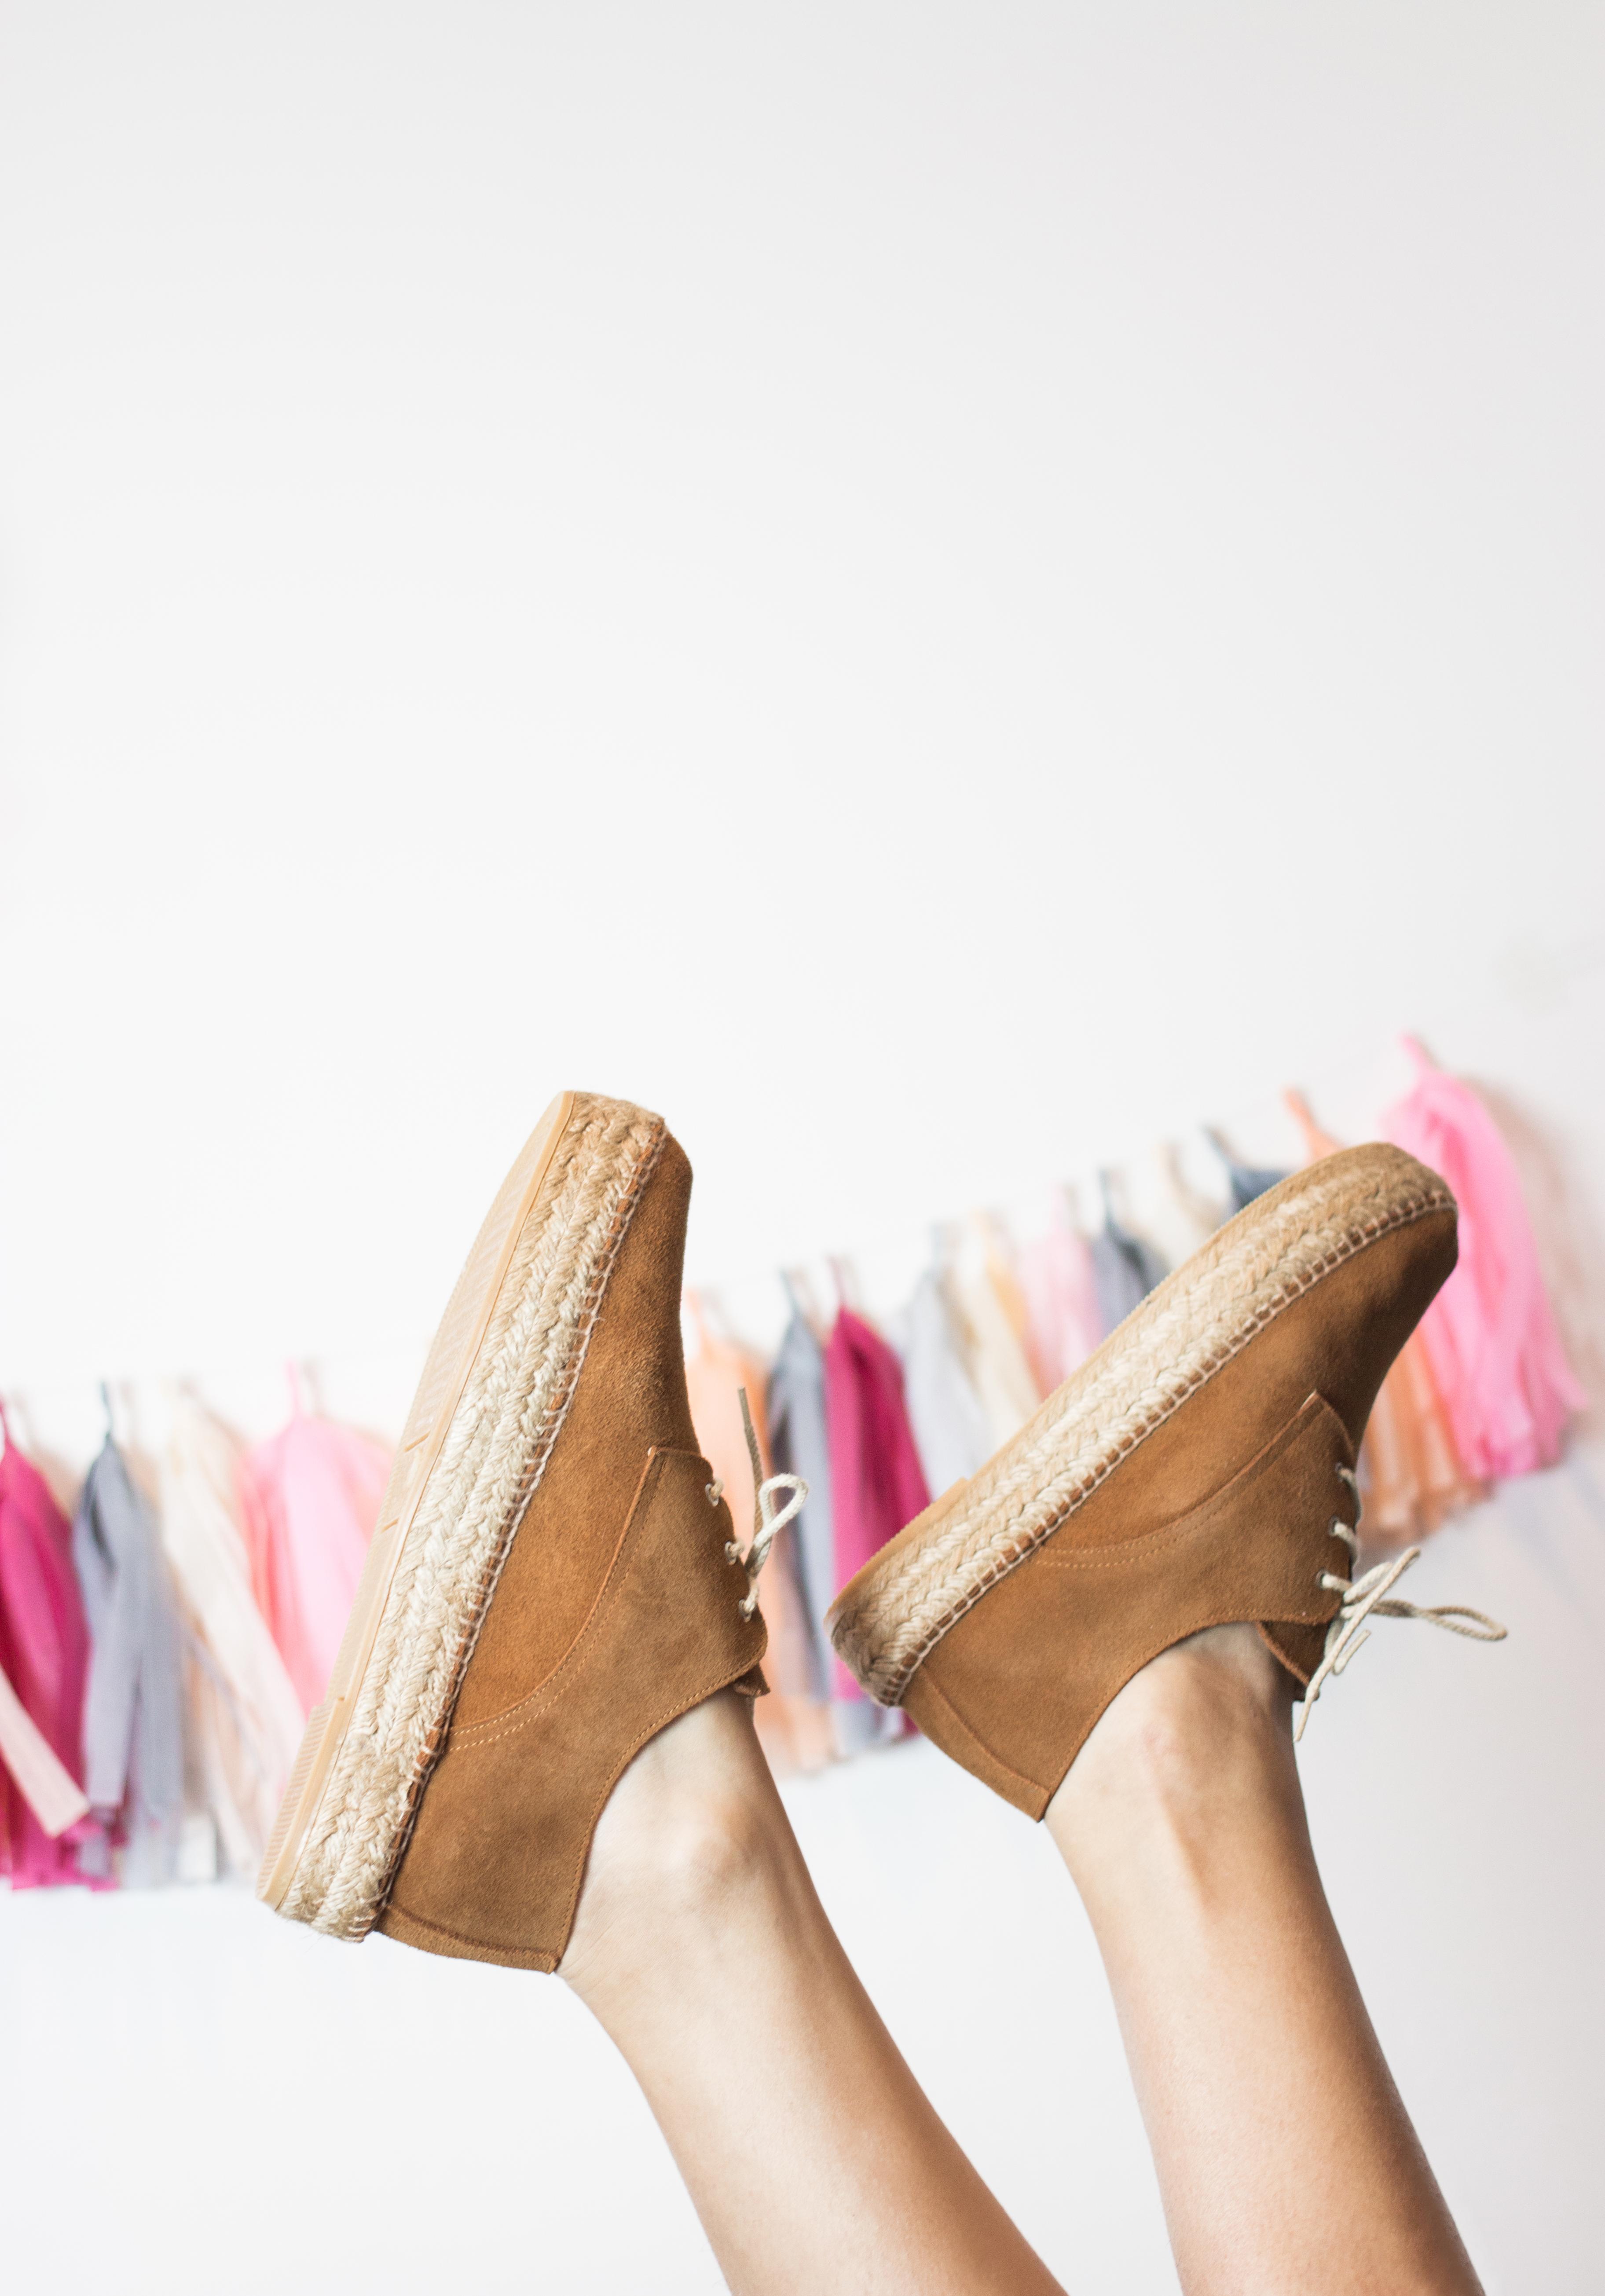 Decoración: @madewithlof Cupcakes: @smilingcompany Zapatos de la Nueva Colección Primavera Verano 2017 Un Paso Más